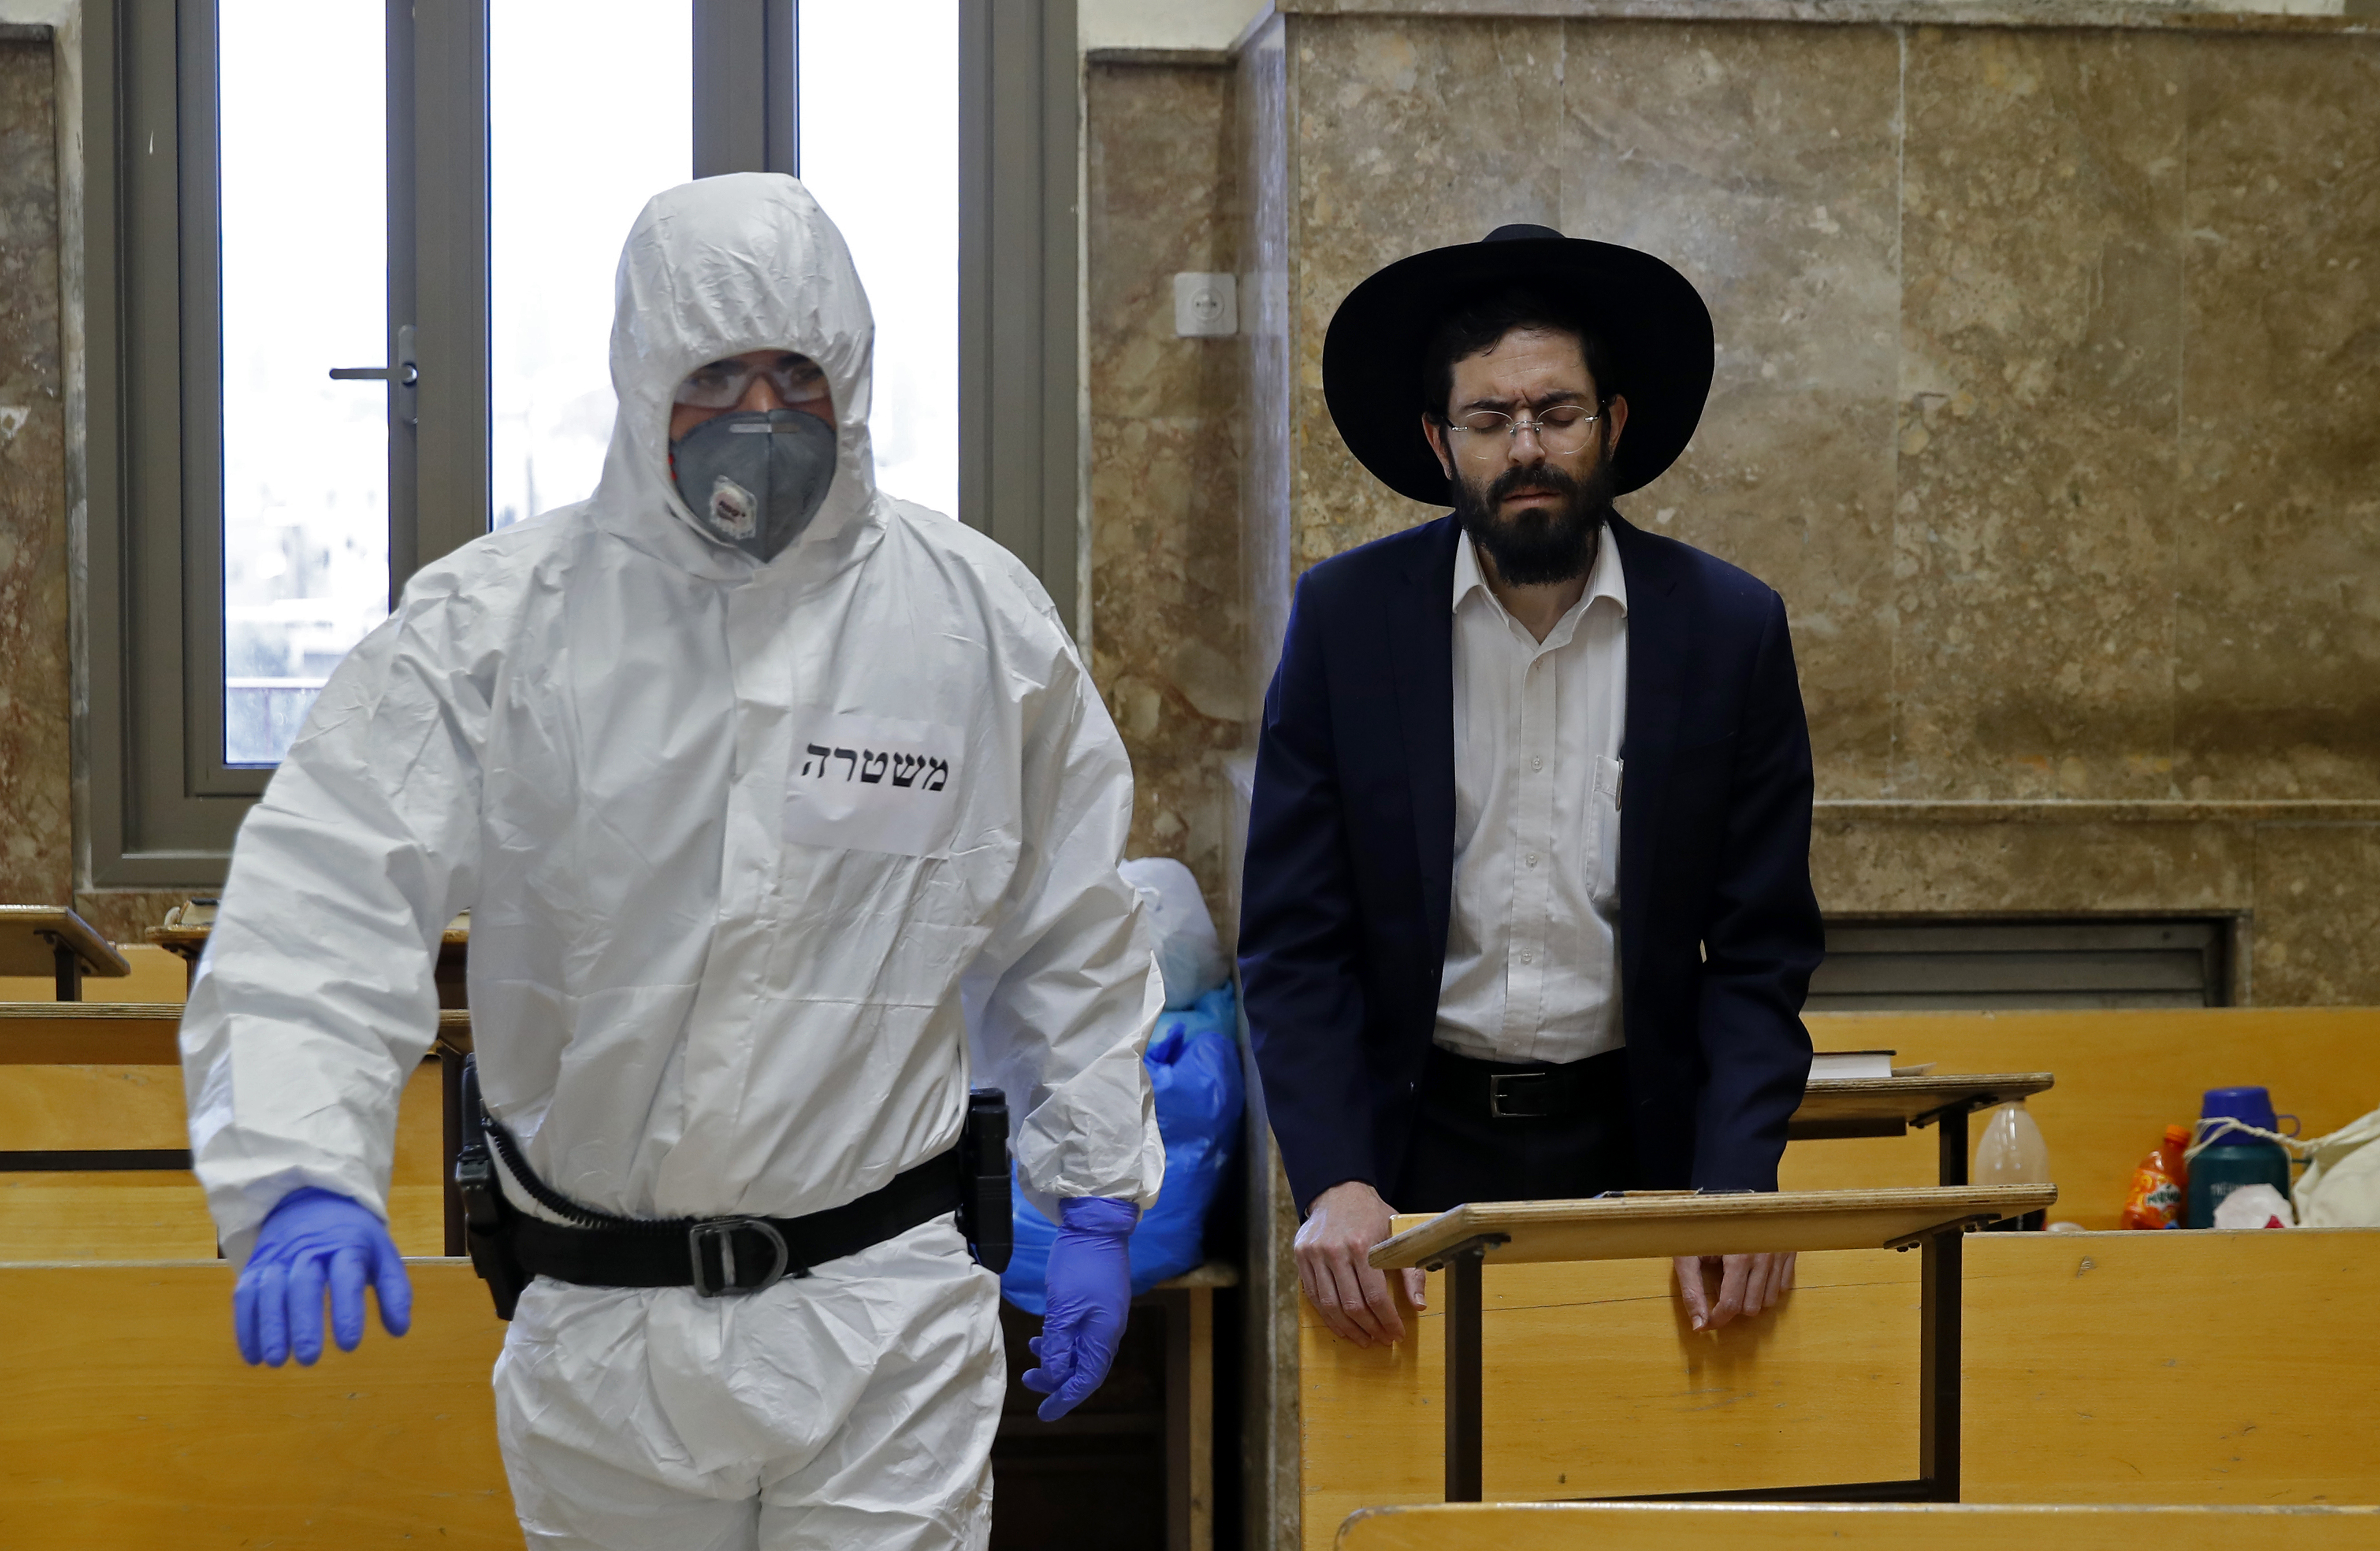 Izraelben már nem kell kültéren maszkot viselni